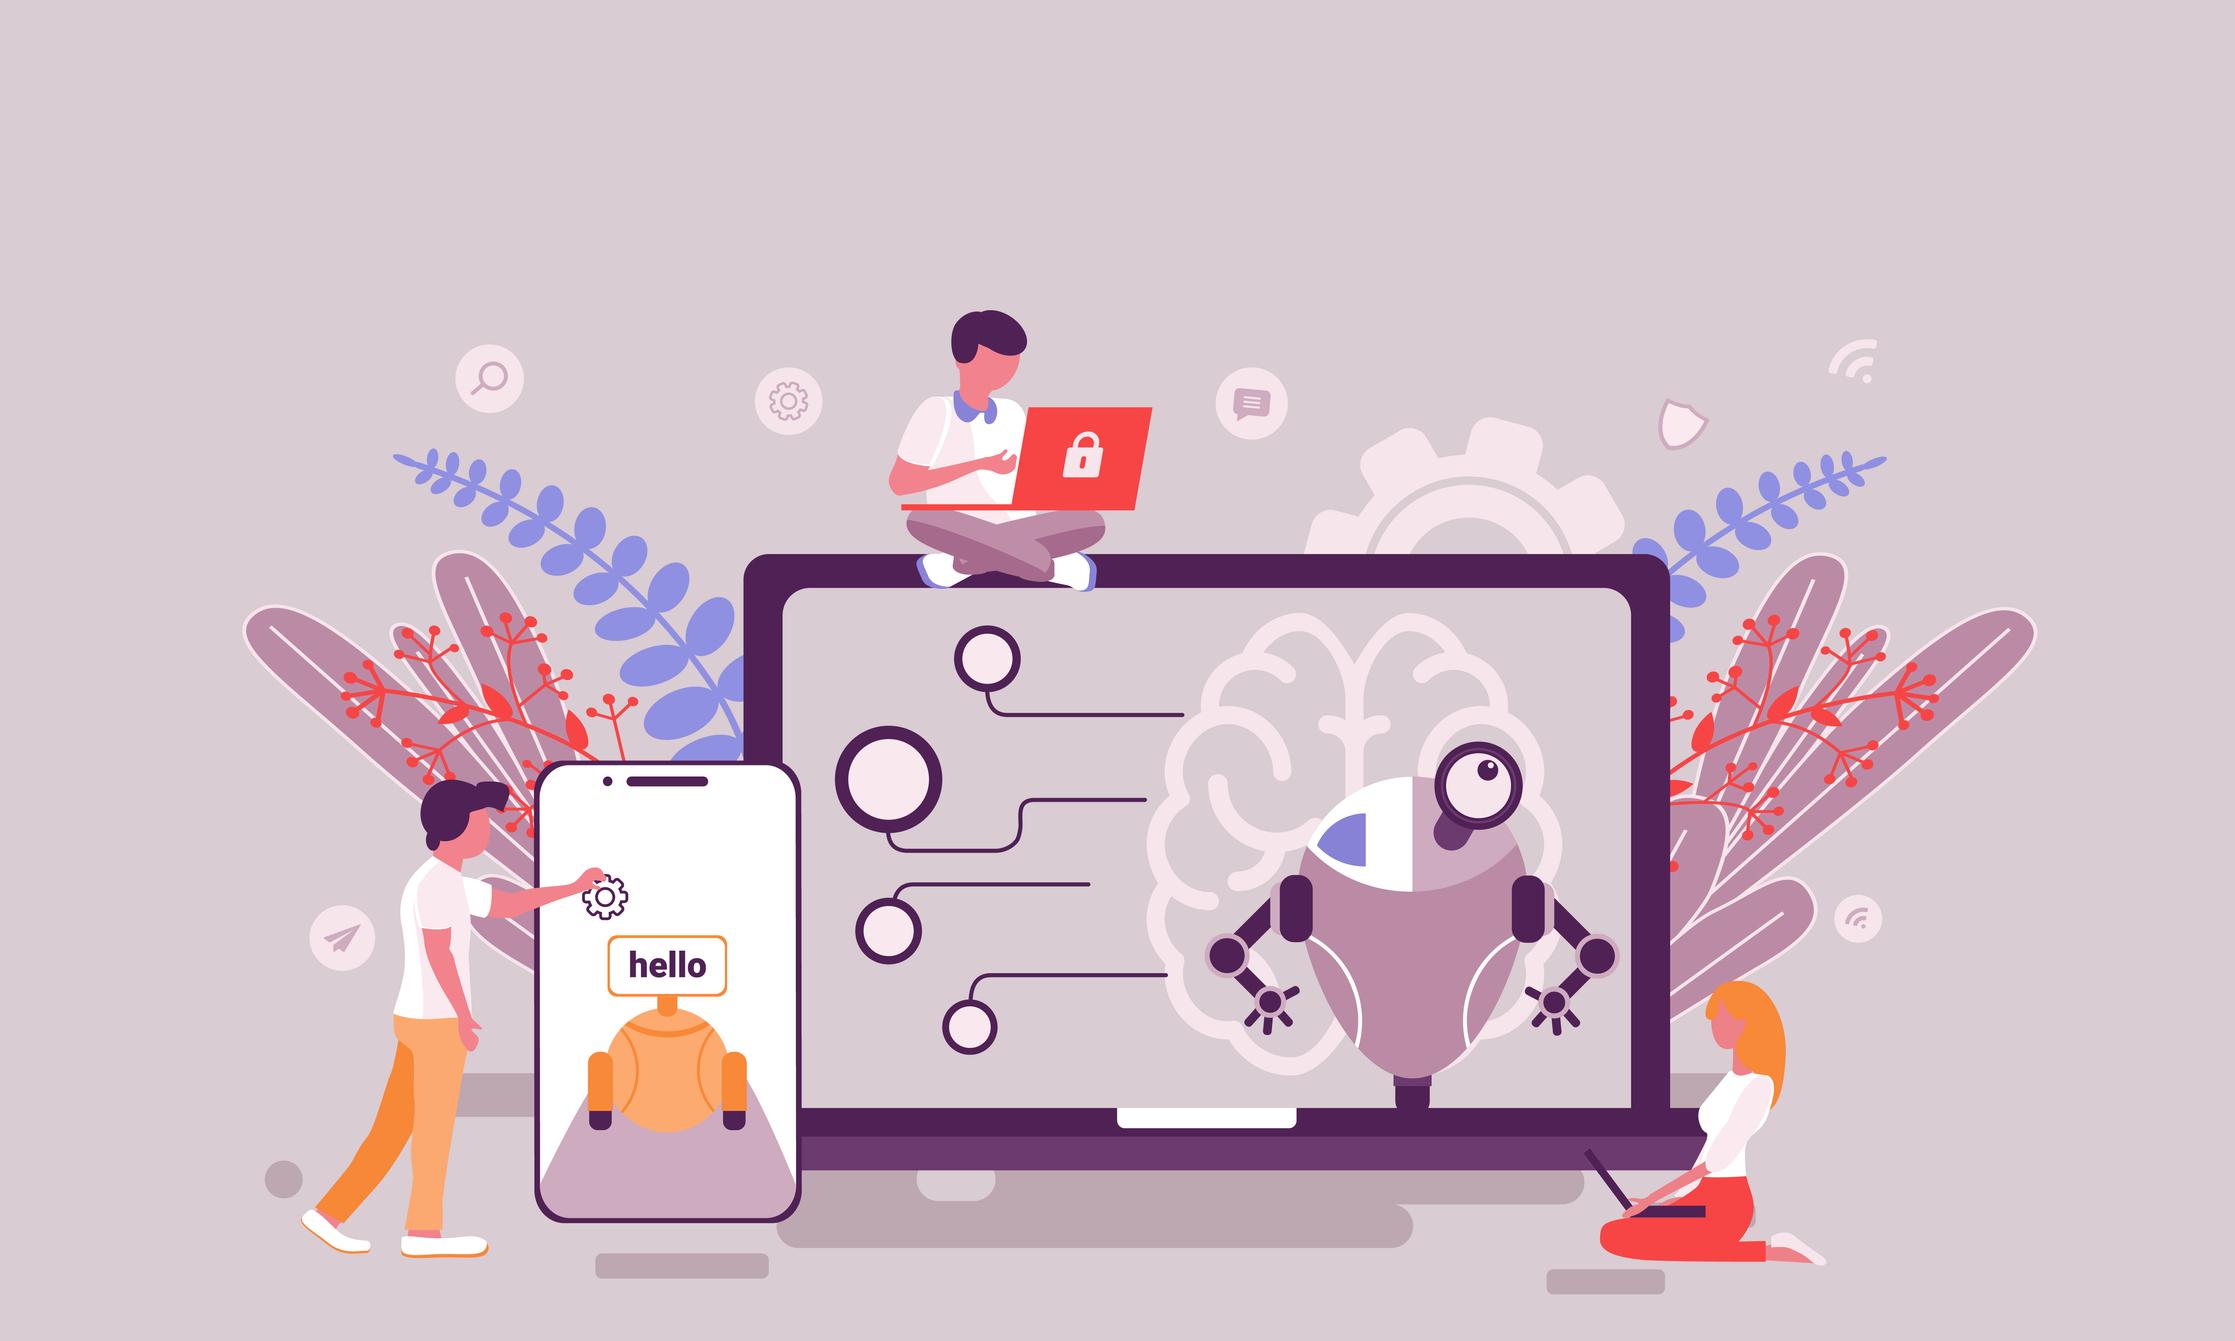 Como entender e aplicar a Inteligência Artificial na Educação?